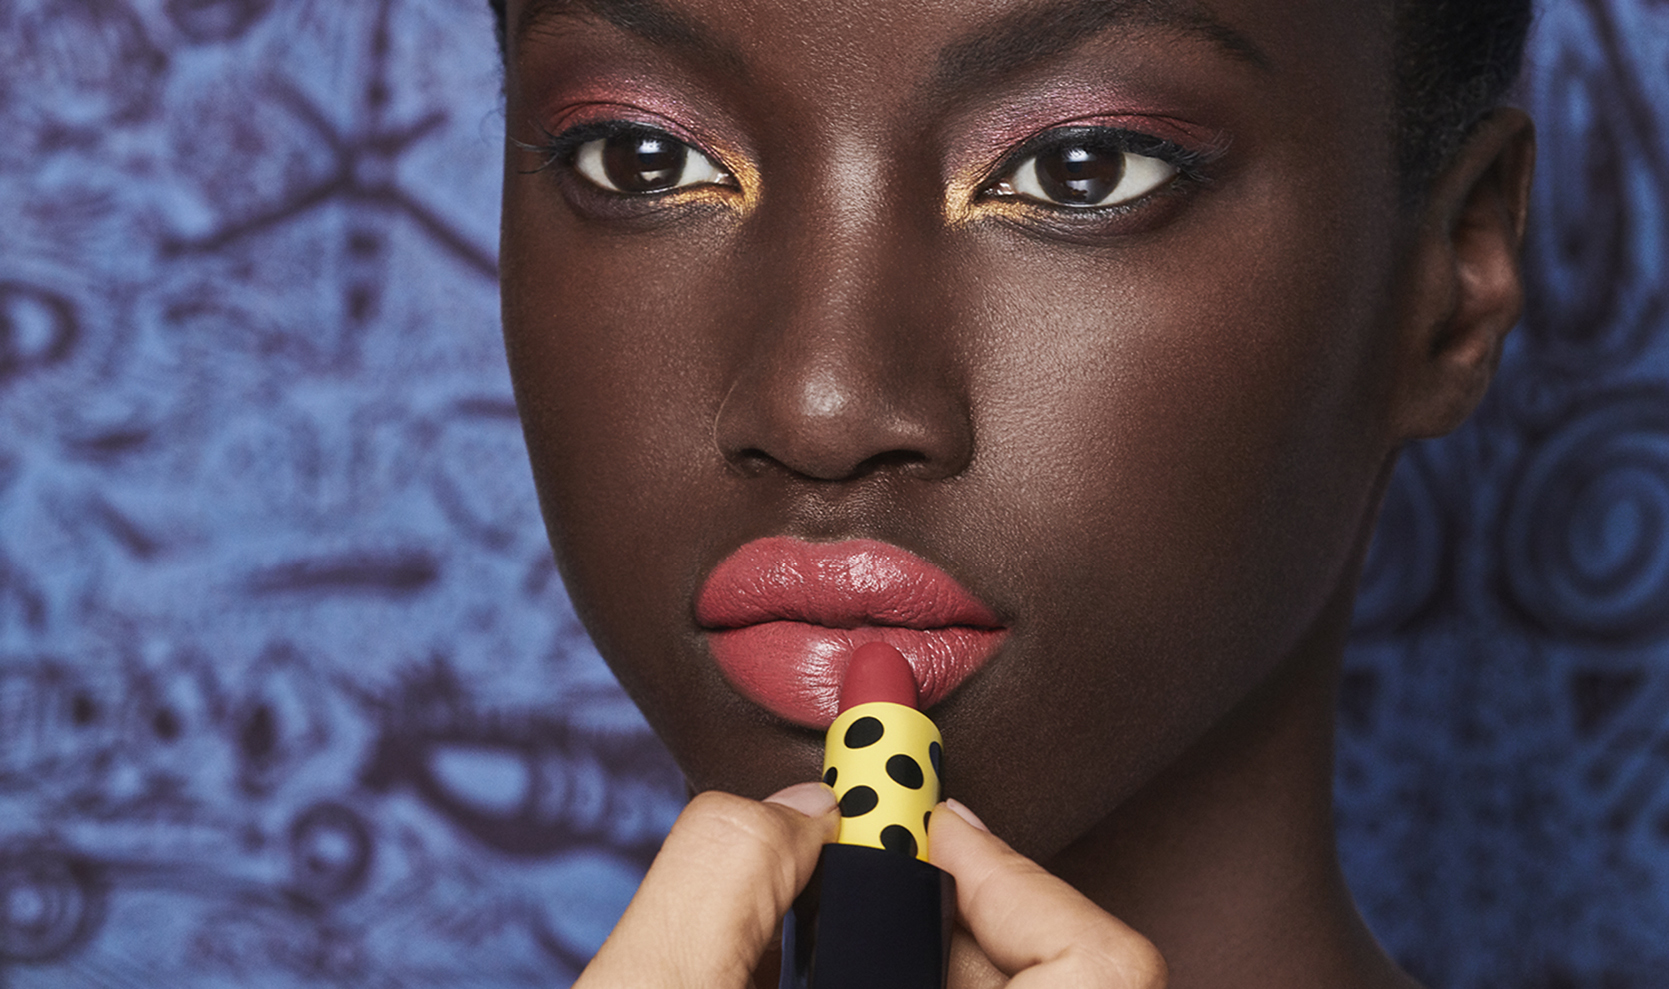 Duro Olowu signe une collection de maquillage avec Estée Lauder